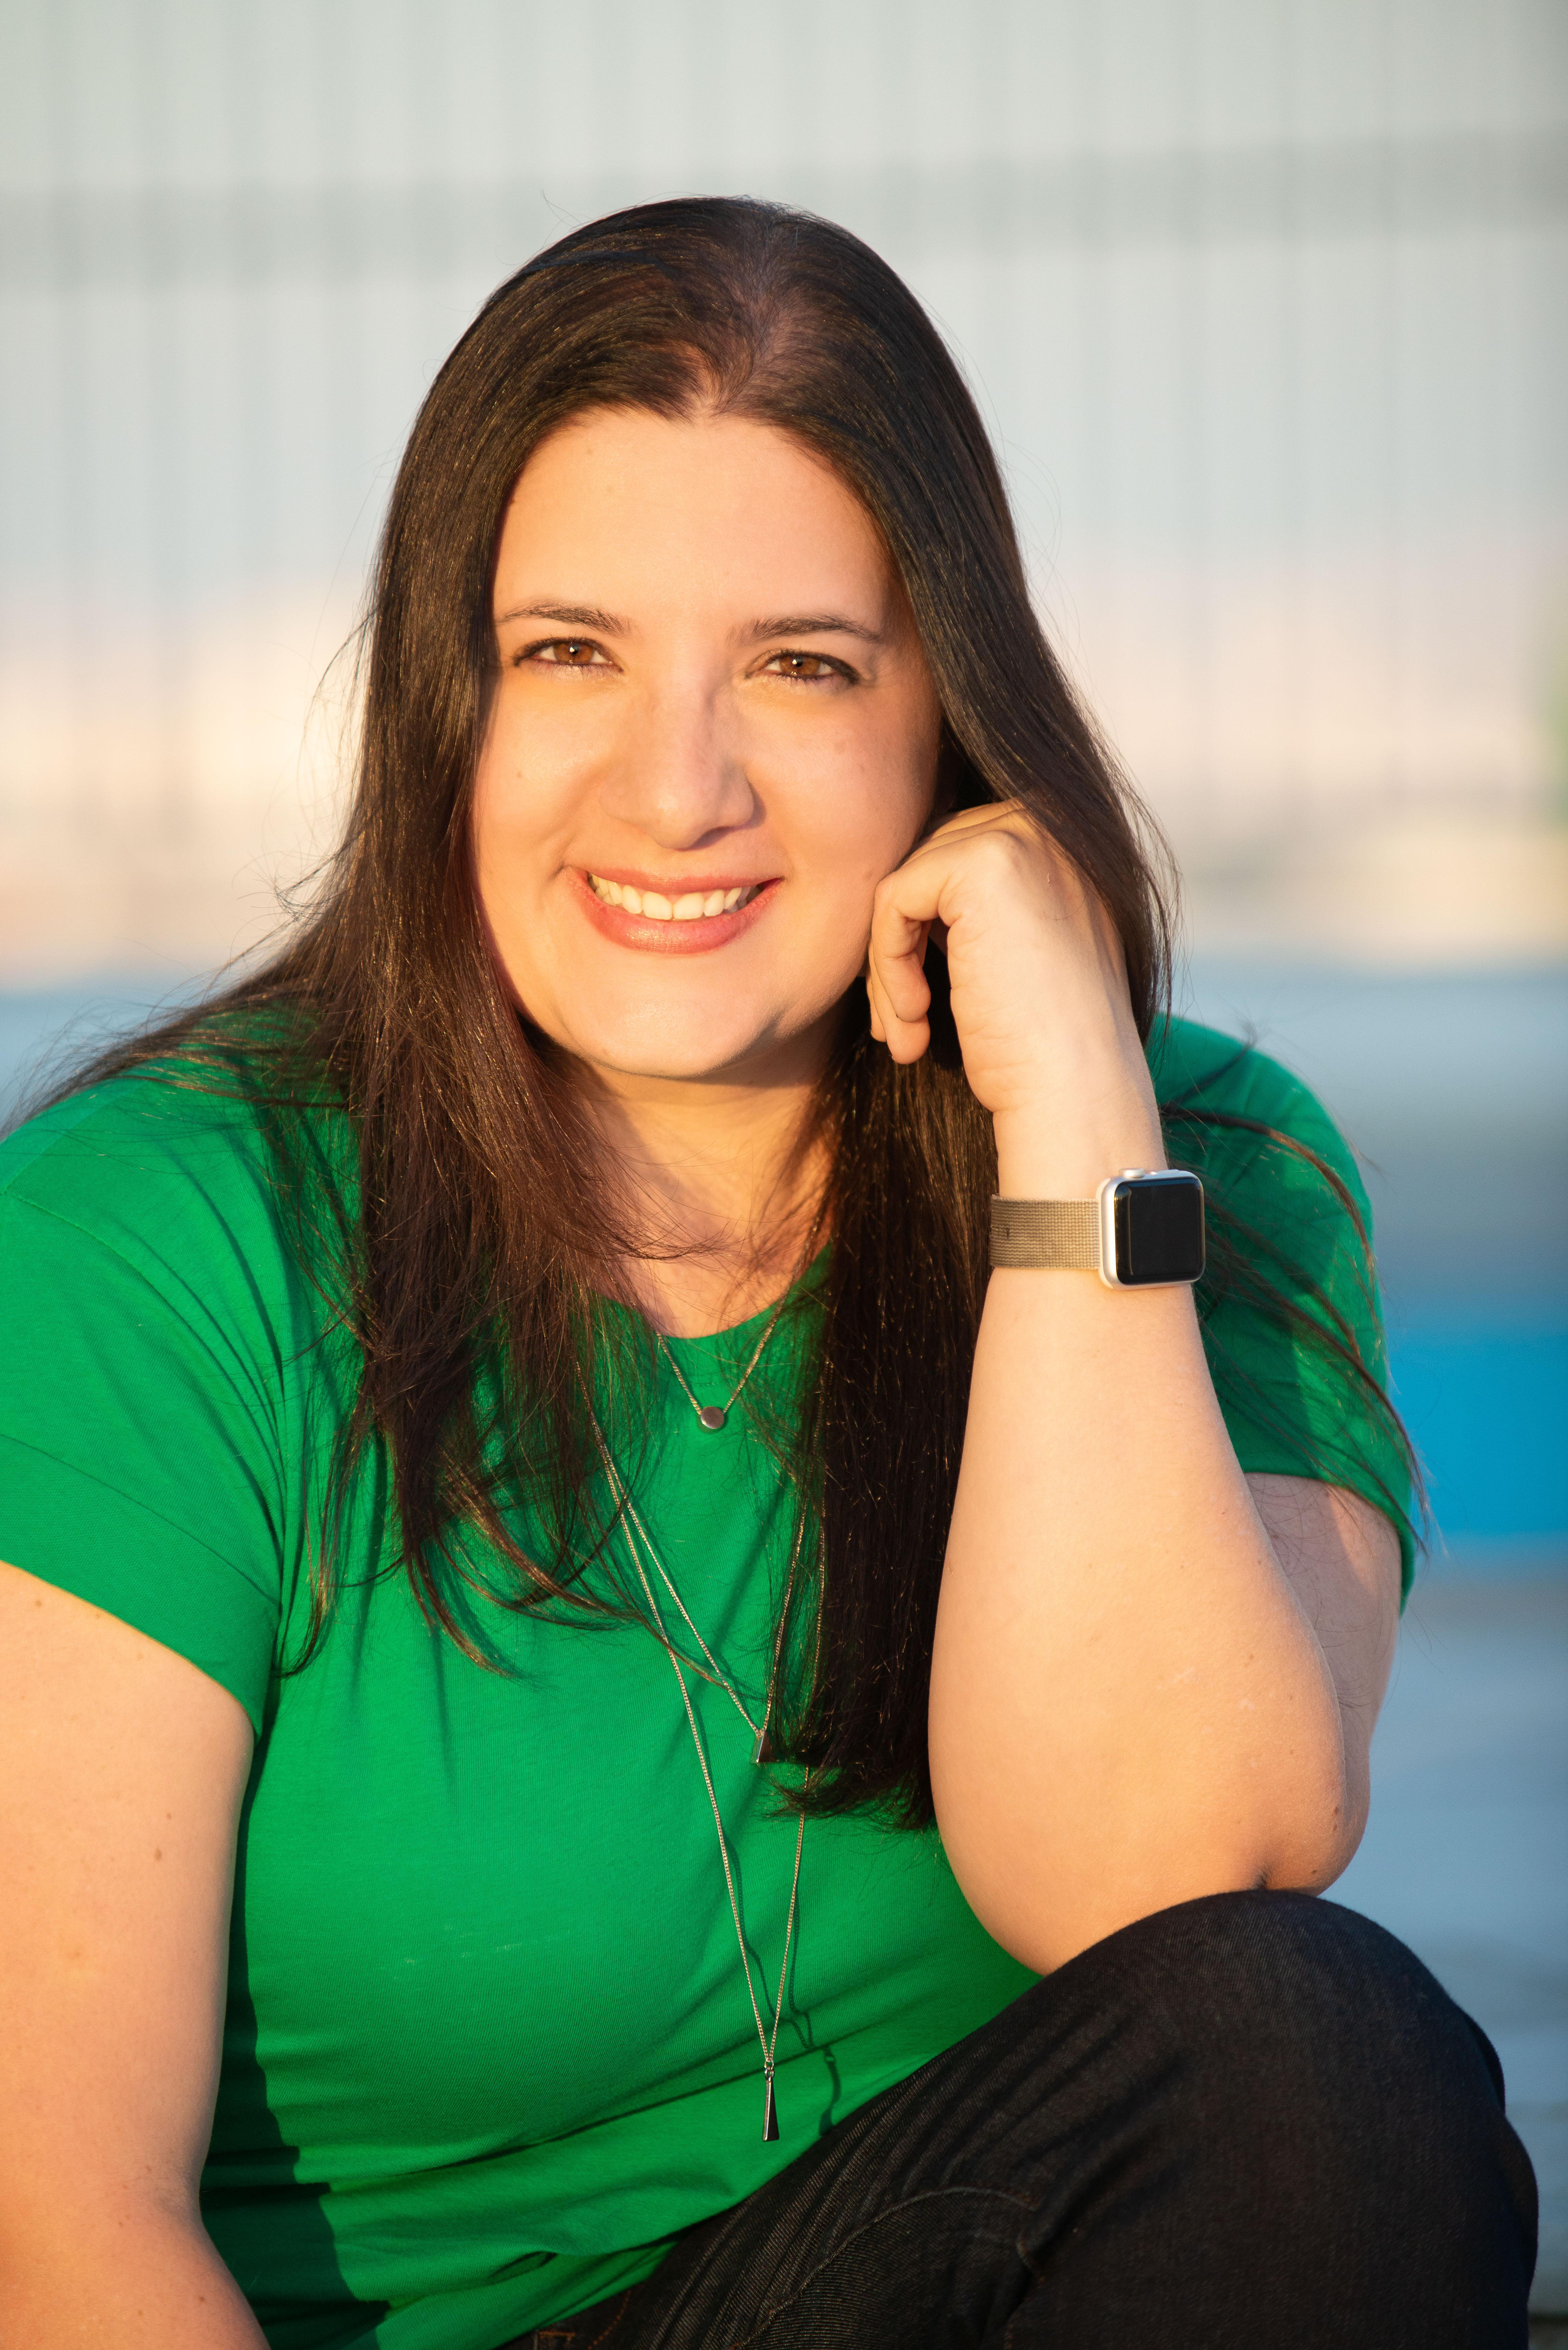 Marcela Benvegnu